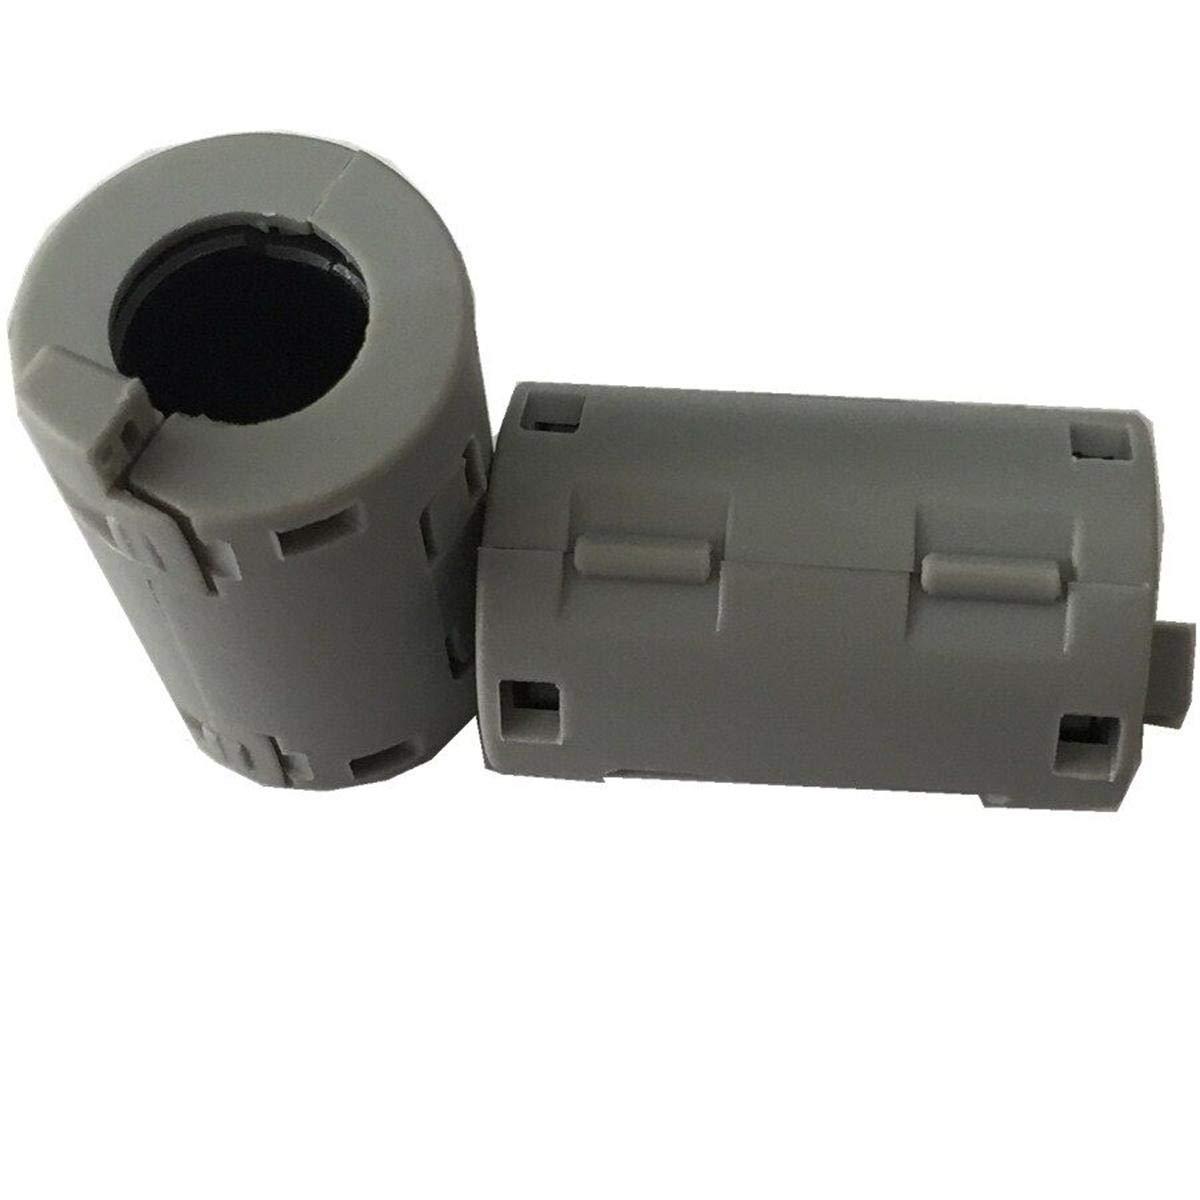 8pcs Inner 11mm 0.43 inch Noise Cancel Clip ferrite core Cable Wires EMI Filter ferrite Ring rf Choke ferrite Bead 2132-1130 Grey